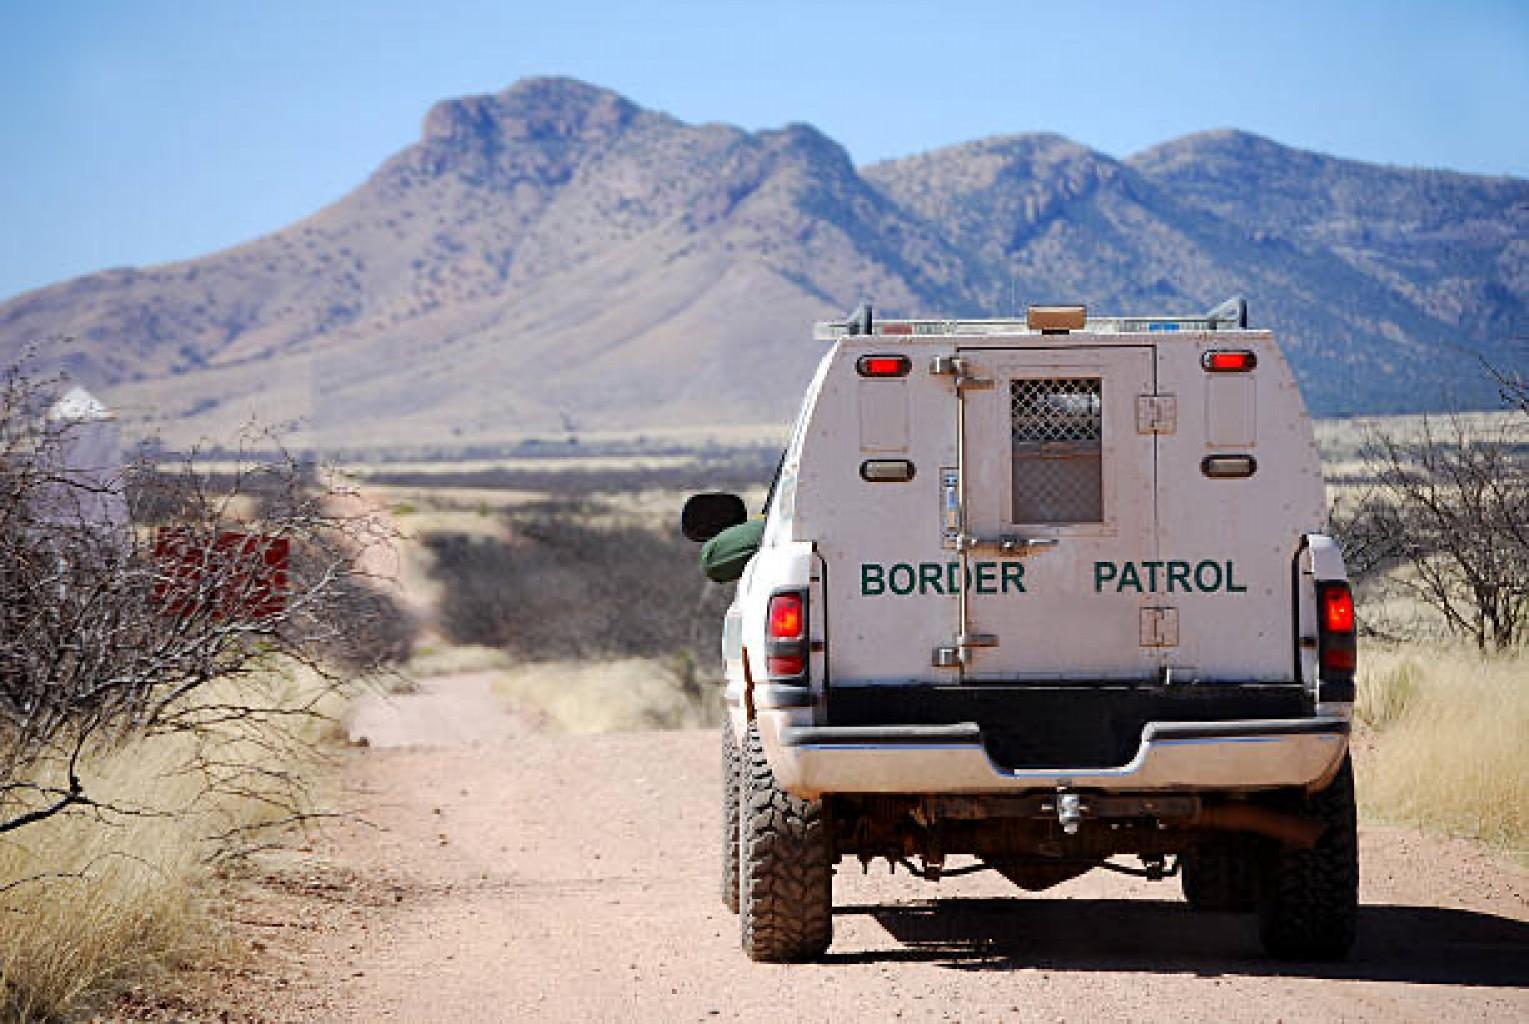 Las detenciones fronterizas caen 8 meses seguidos